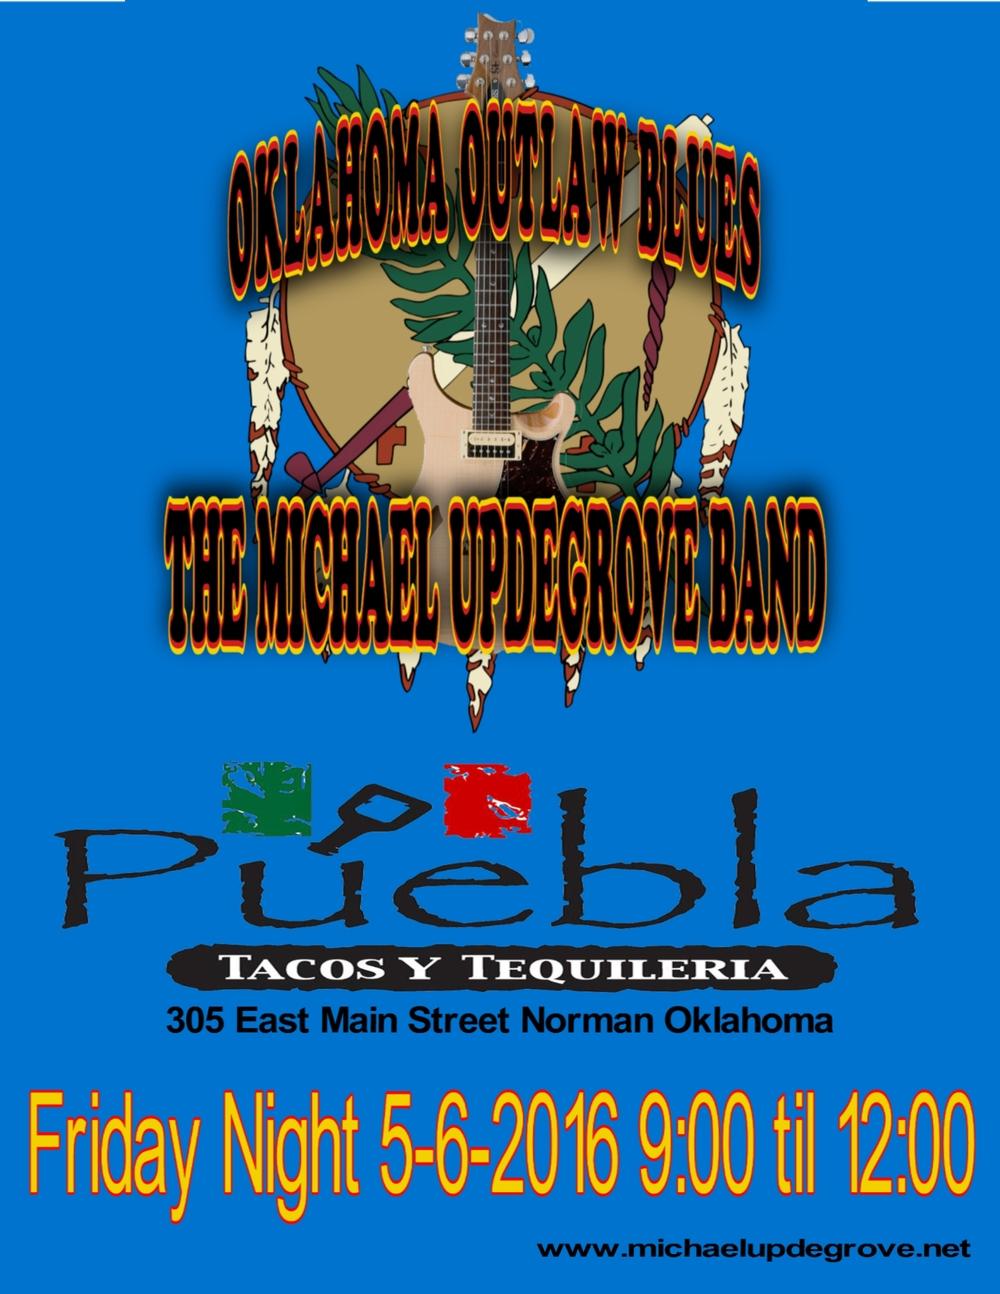 La Puebla Flyer.jpg